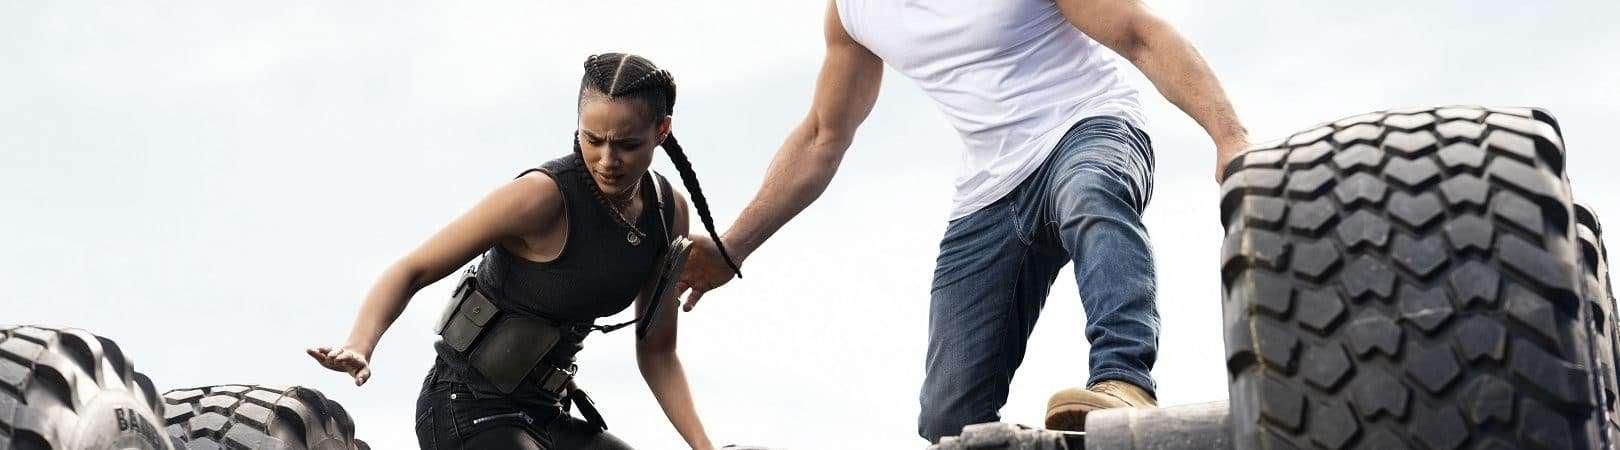 Ramsey (Nathalie Emmanuel) y Dom (Vin Diesel) en 'F9', dirigida por Justin Lin. Imagen: Universal Pictures / Divulgación